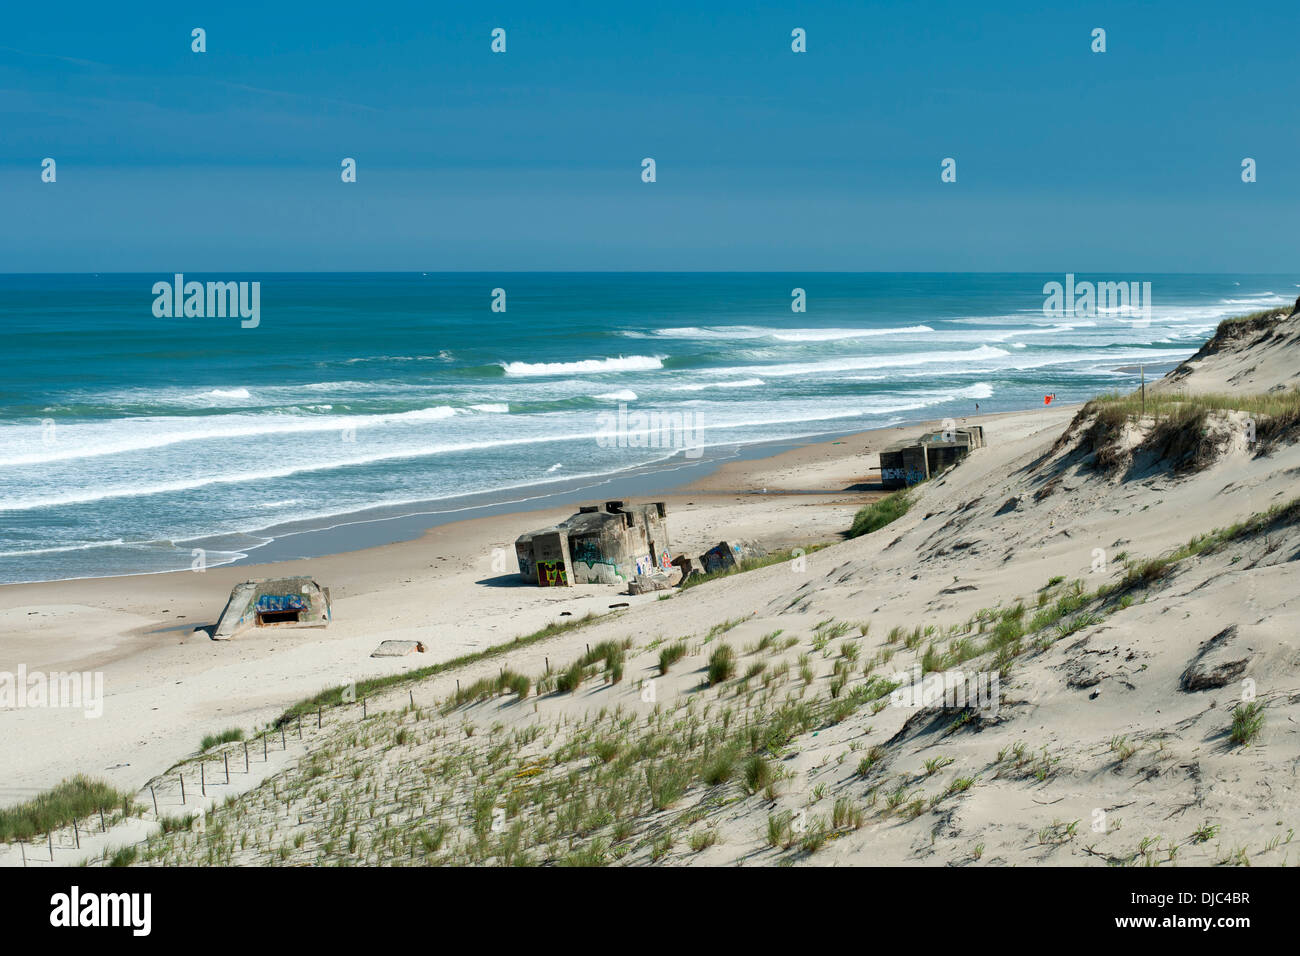 Le reste de la Seconde Guerre mondiale blockhaus sur la plage du pin sec dans la région Aquitaine dans le sud-ouest de la France. Photo Stock